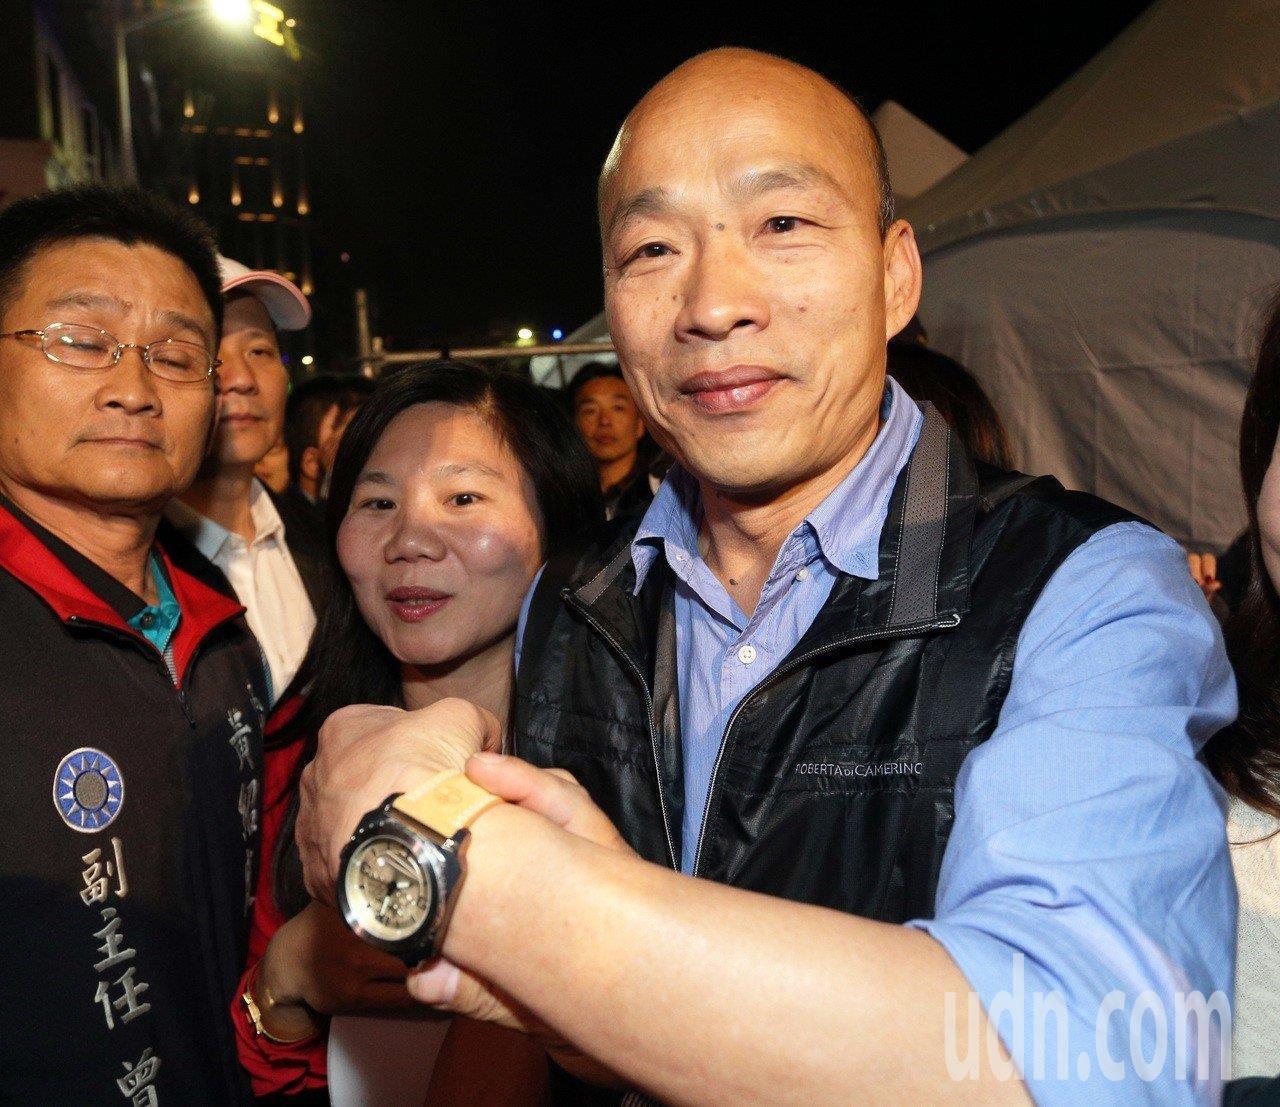 台北市議員王世堅送給高雄市長韓國瑜的表,其實是父女對表。圖/本報資料照片